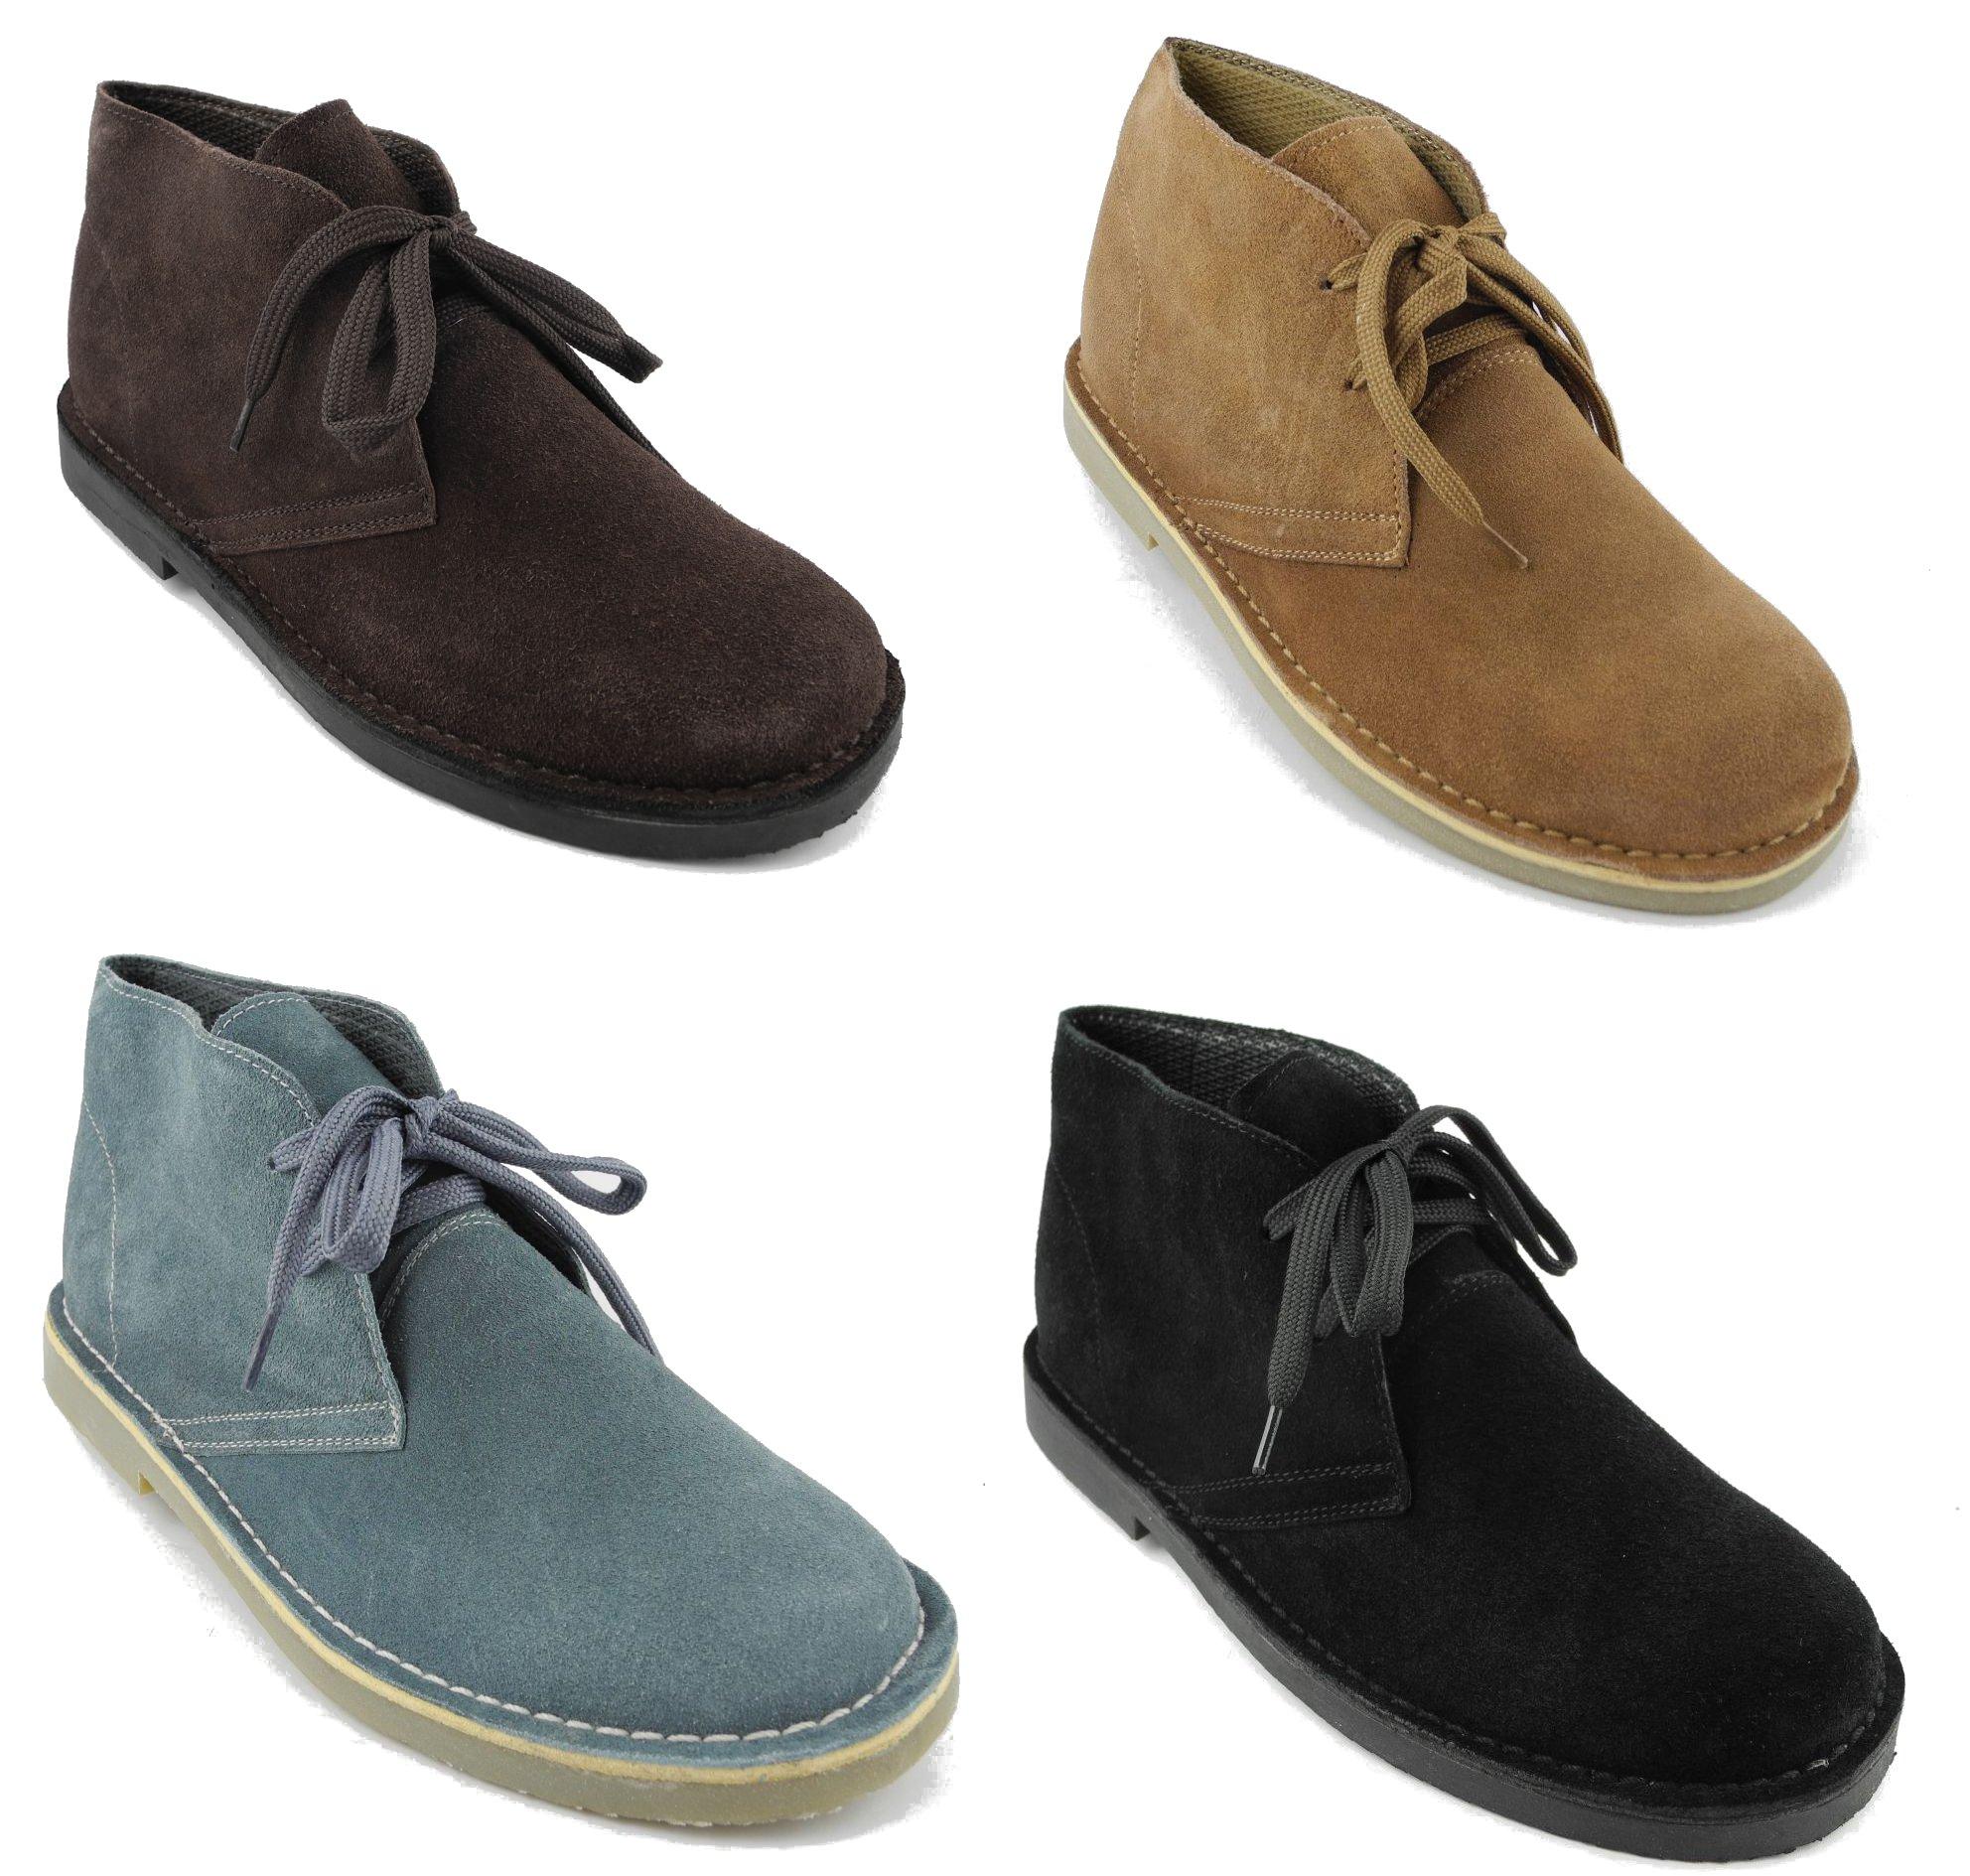 mens round toe real suede leather desert boots beige black blue brown sz 6 12 ebay. Black Bedroom Furniture Sets. Home Design Ideas